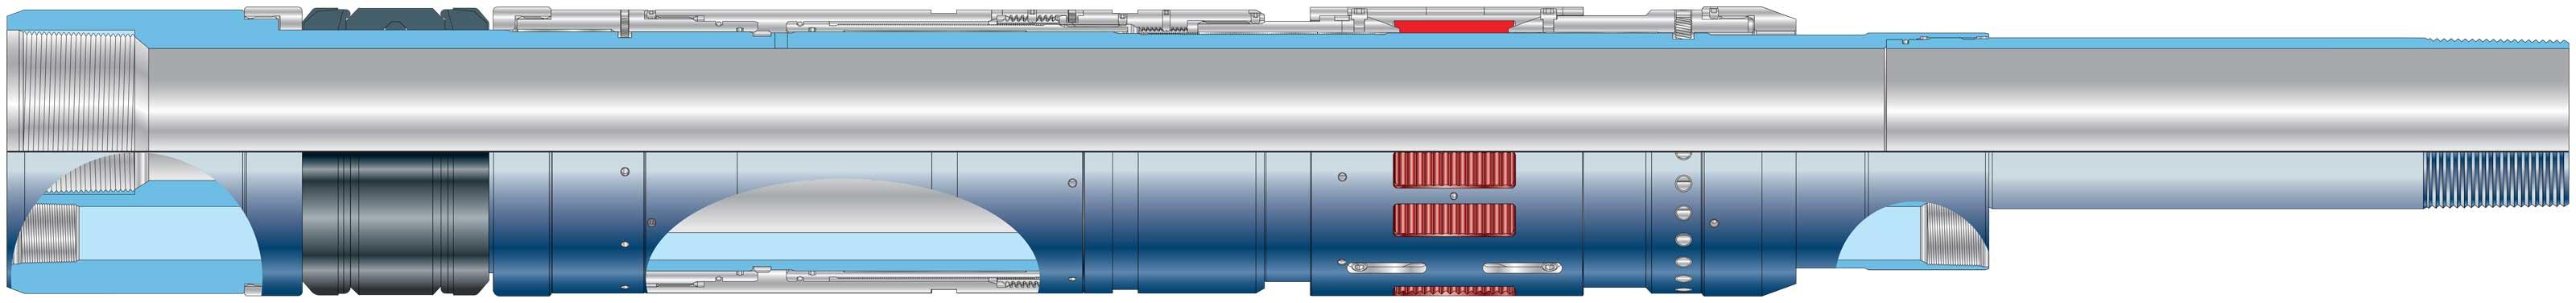 BluePack ESP retrievable hydraulic-set ESP production packer Diagram